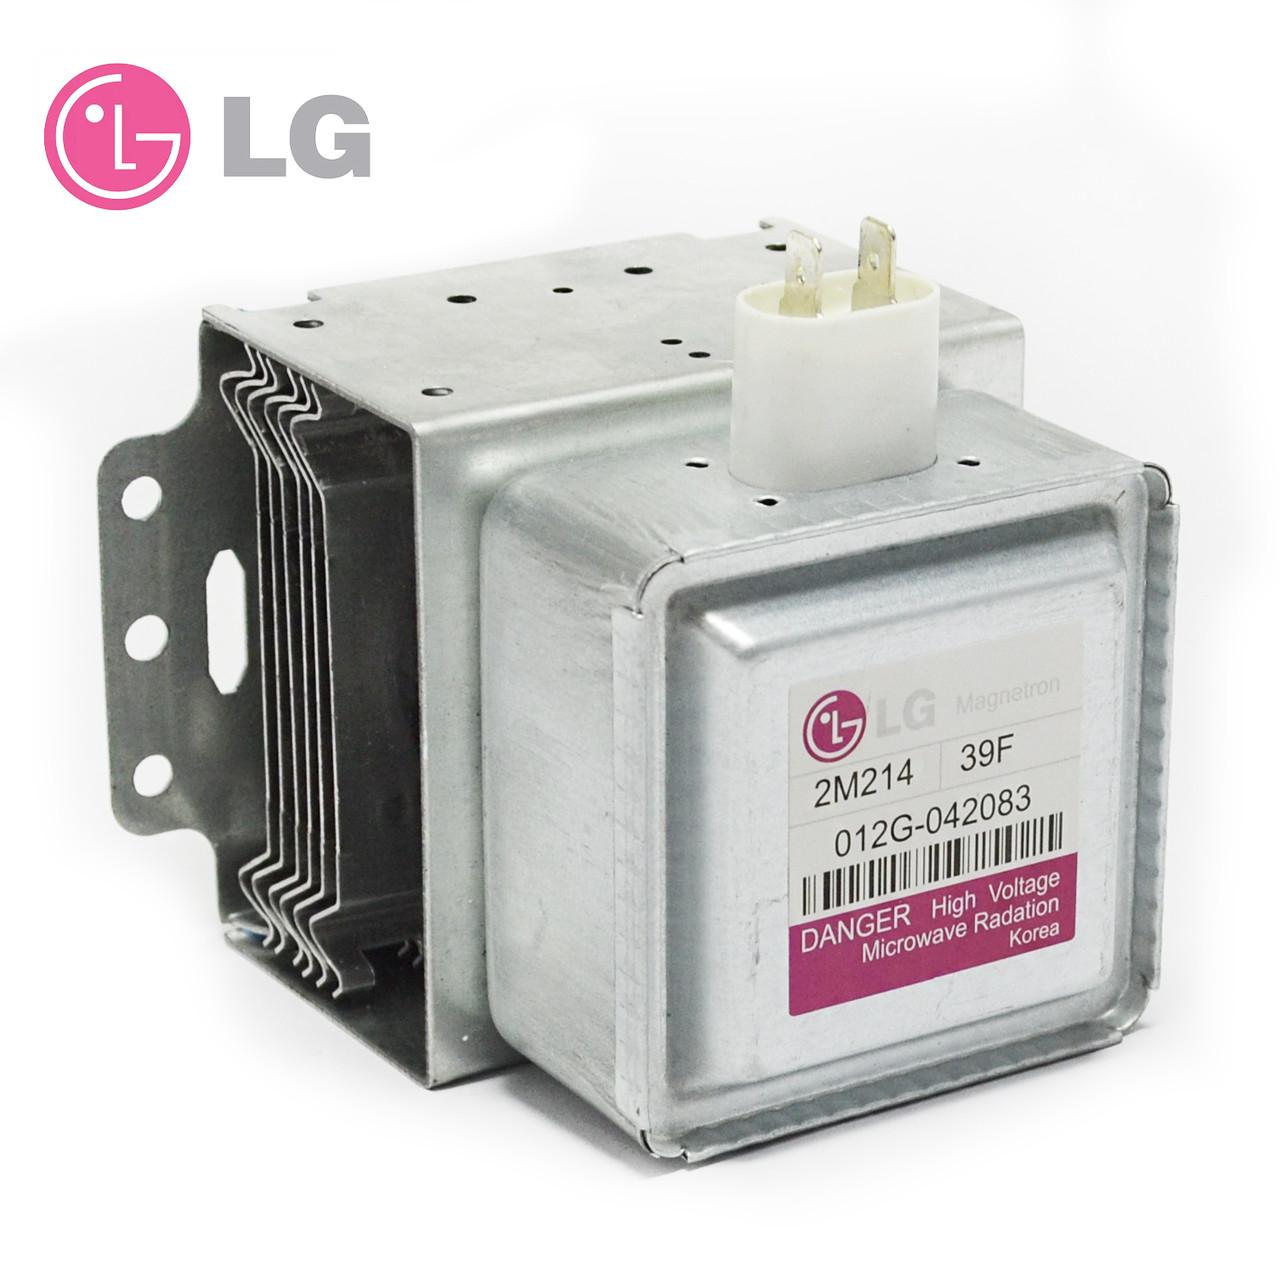 Магнетрон для микроволновой печи Lg 2M214 39F, Witol 2M218J